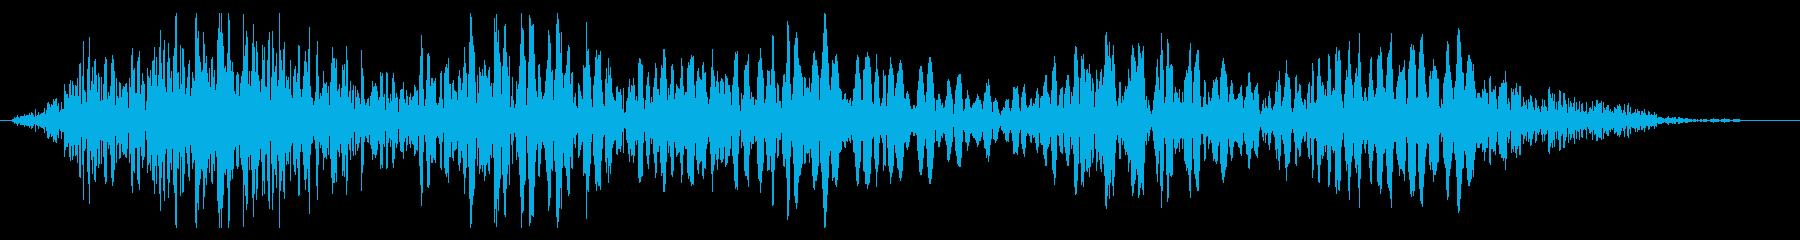 モンスター:スローローガッチュラル...の再生済みの波形